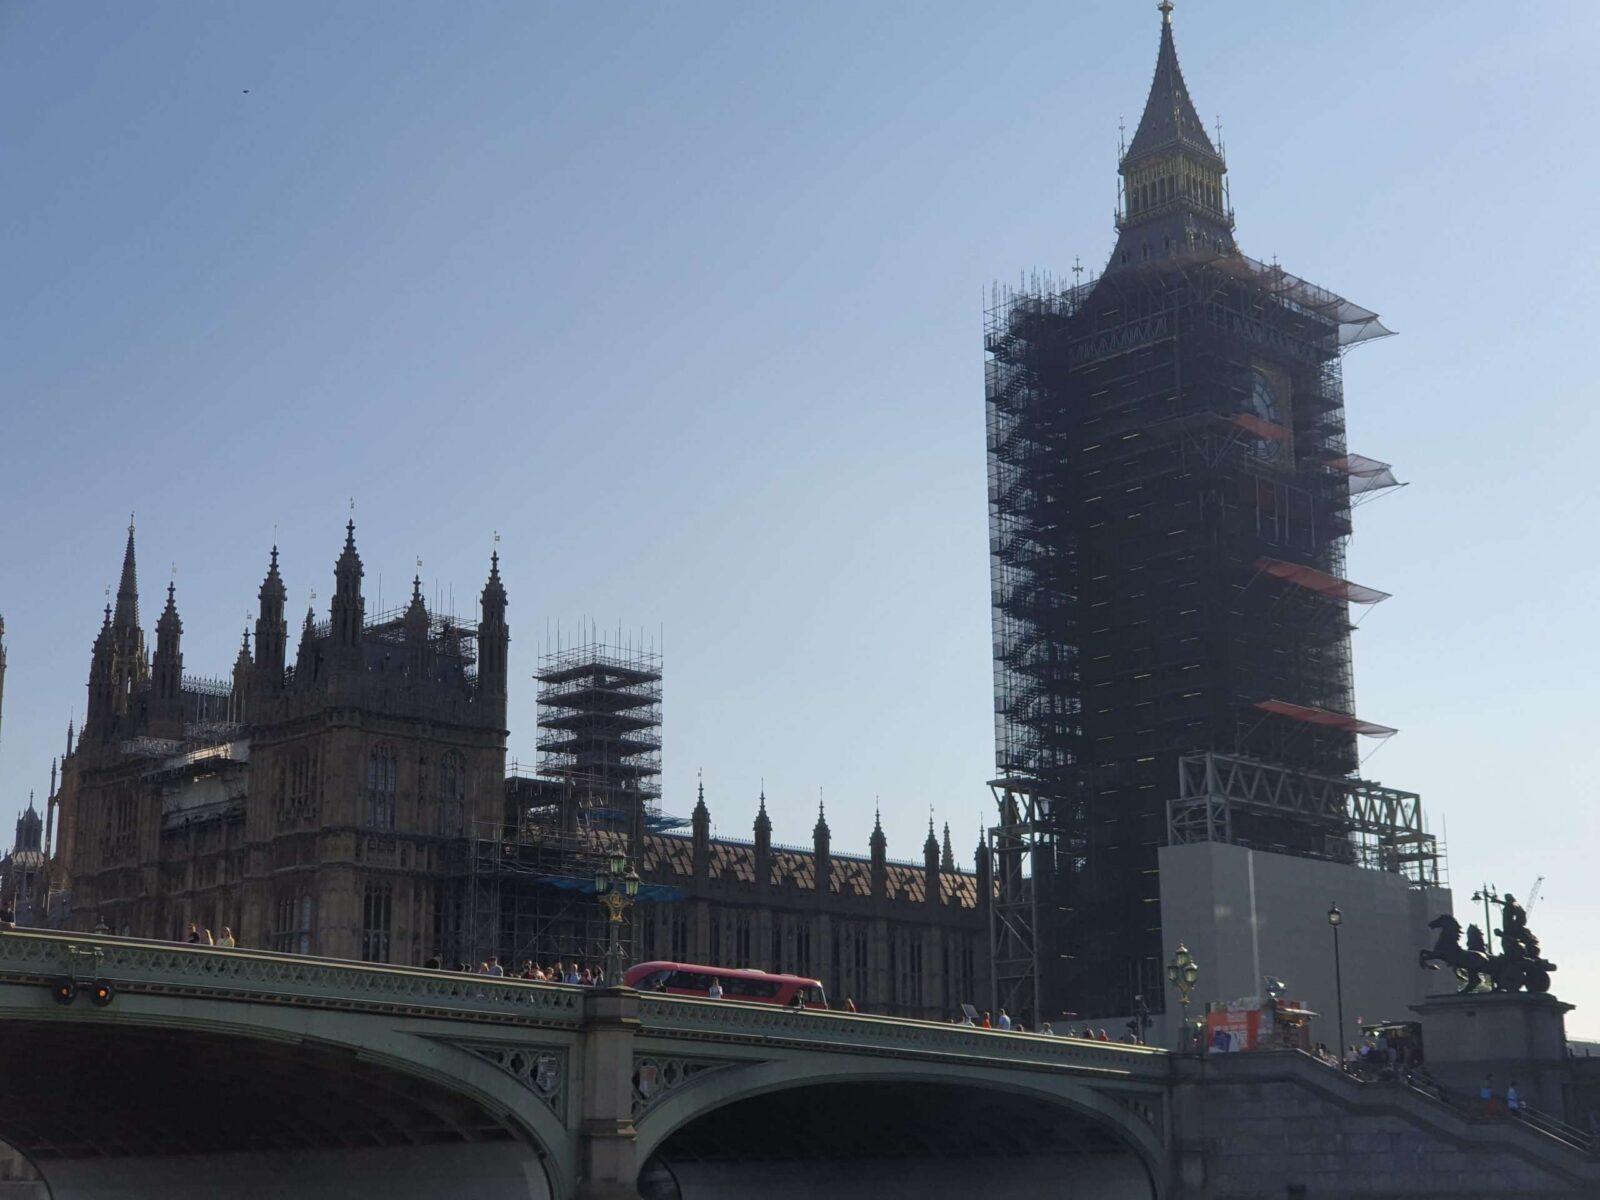 Big Ben in construction